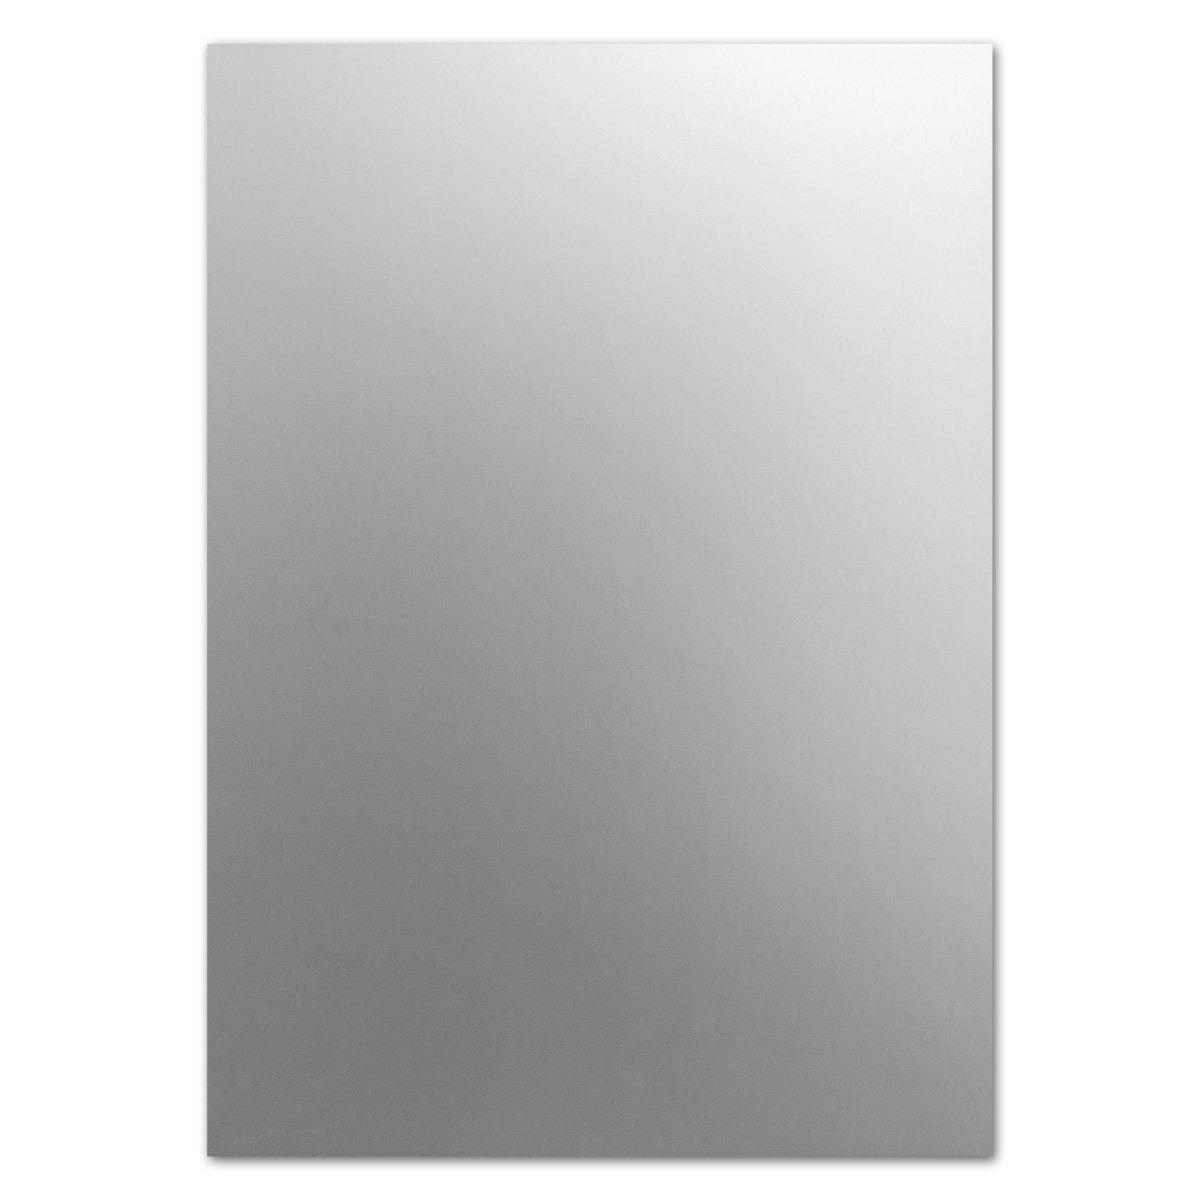 30 Stü ck//Goldene Karten/Papier, DIN A4//Gold-Metallic//PROFI-Qualitä t//250 g/m² //Aus dem Hause GUSTAV NEUSER